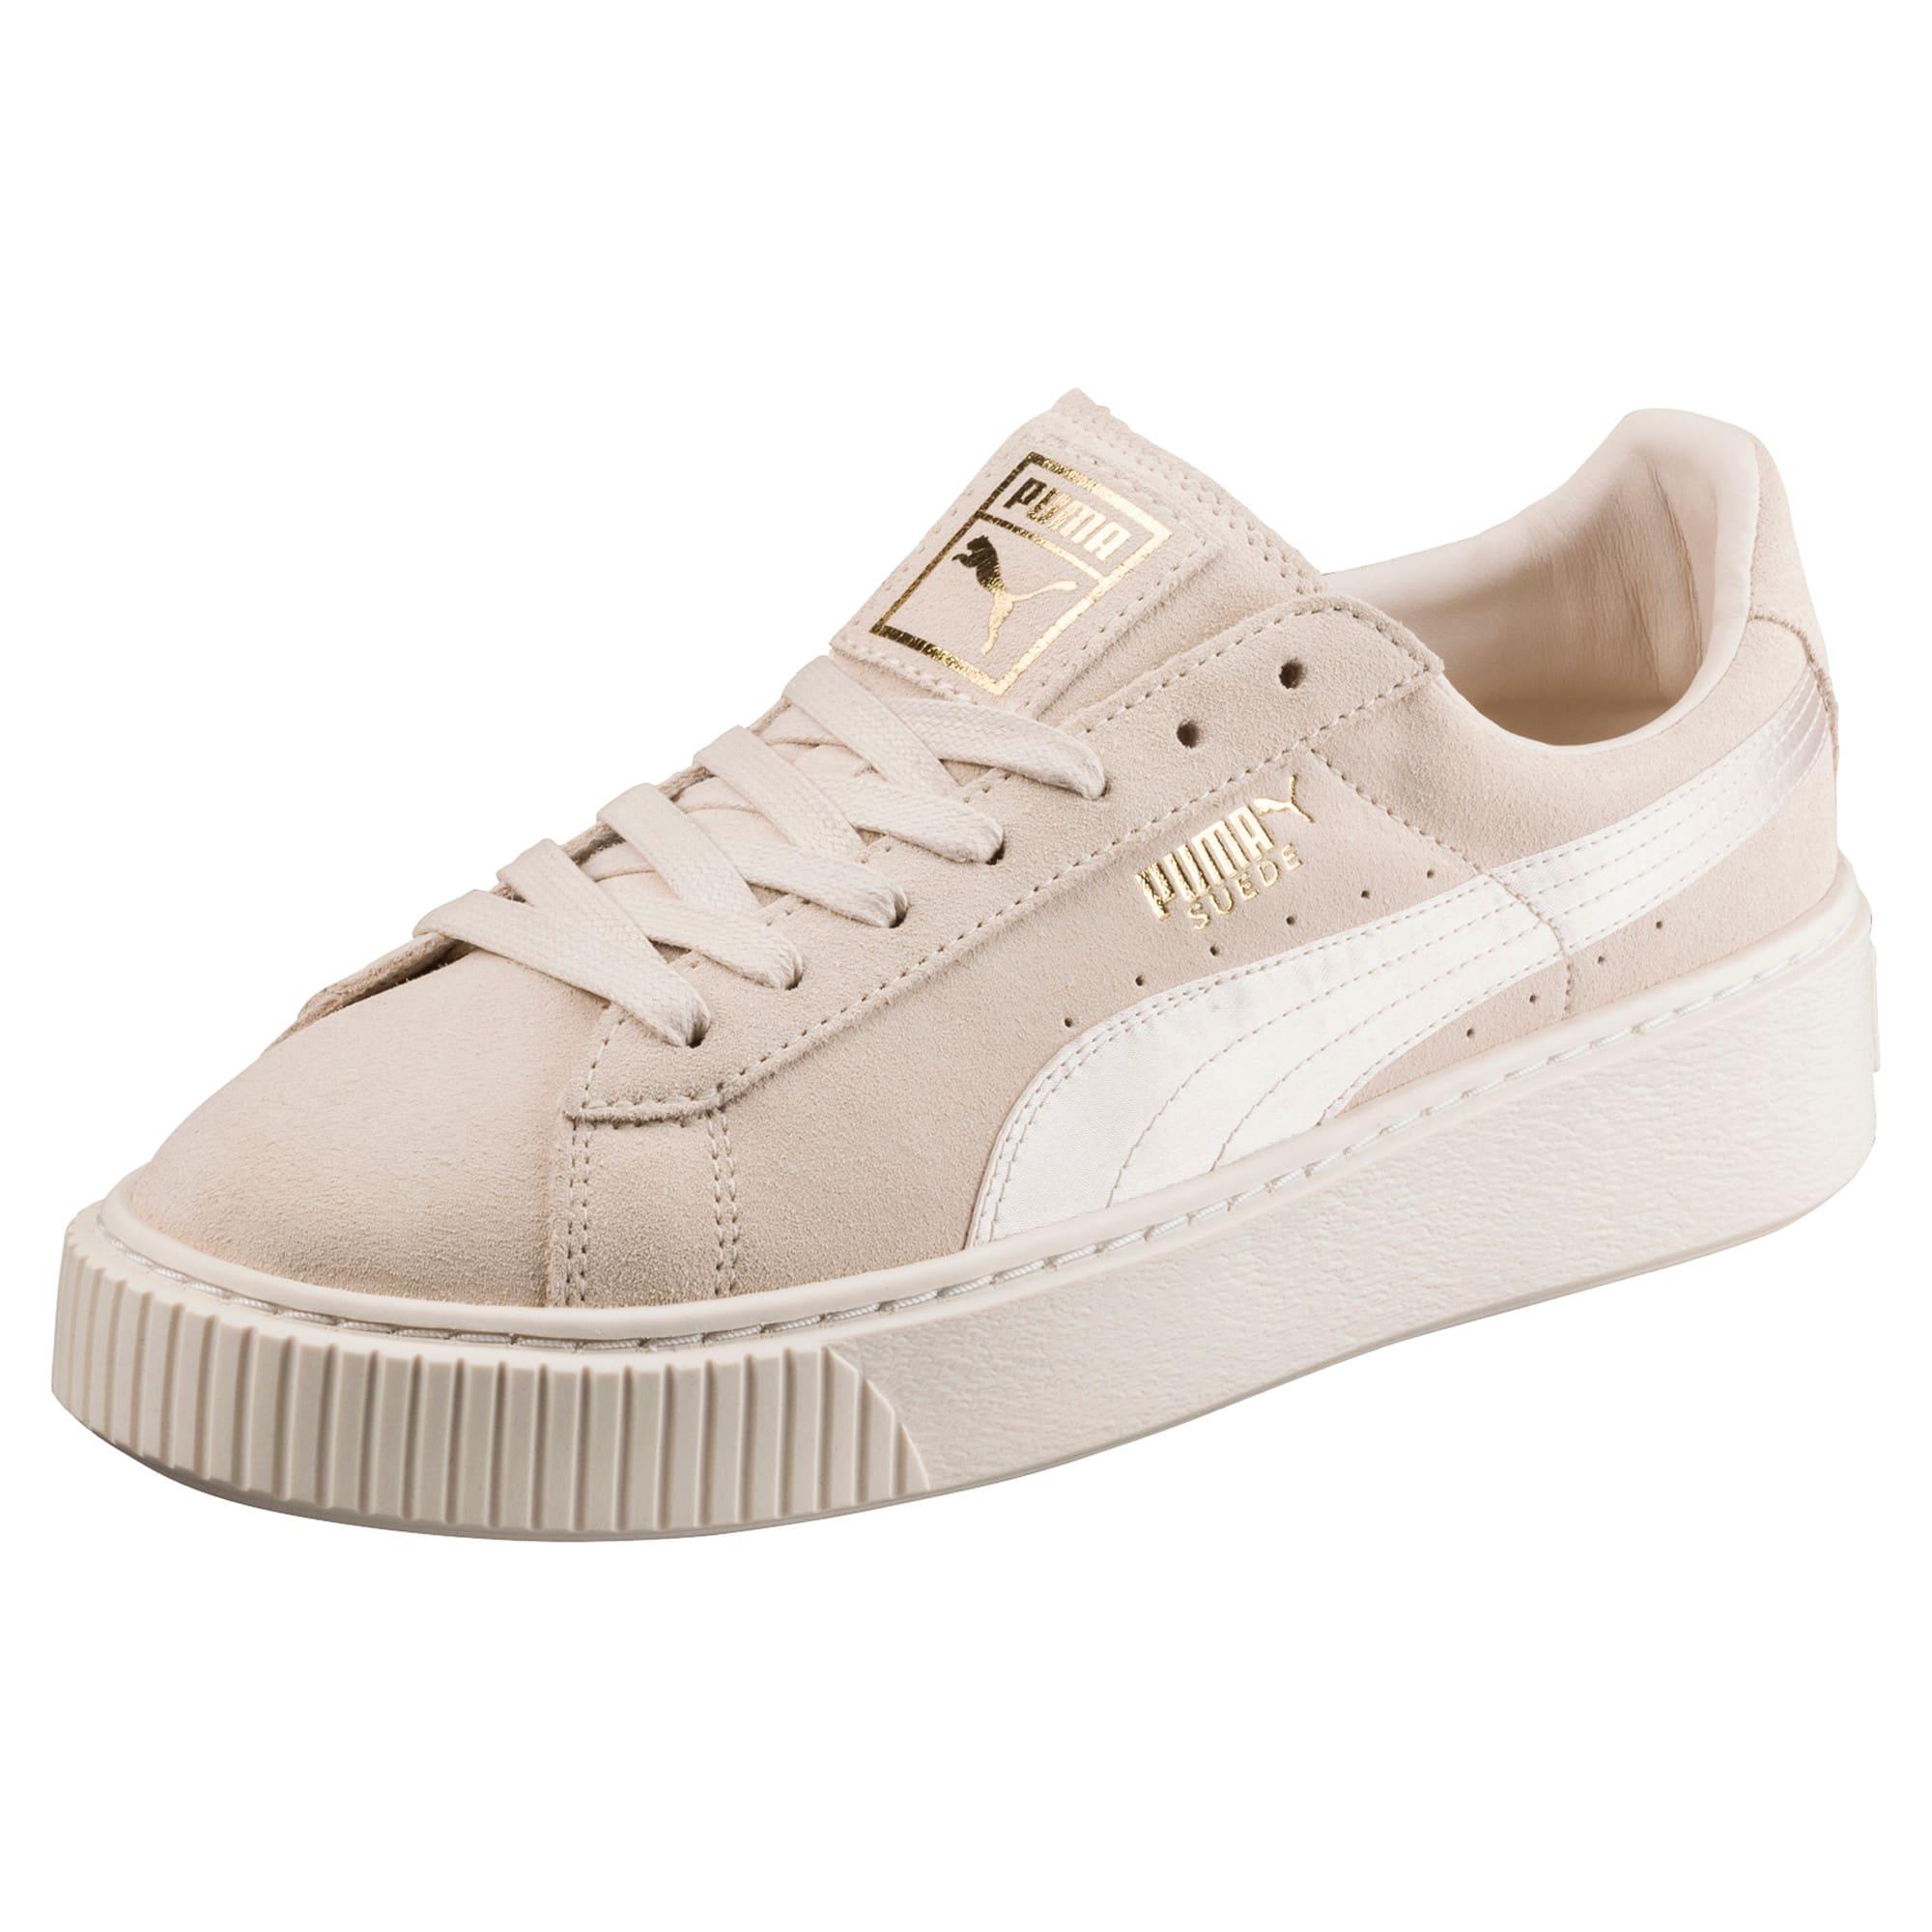 Damskie buty sportowe Suede Platform Satin